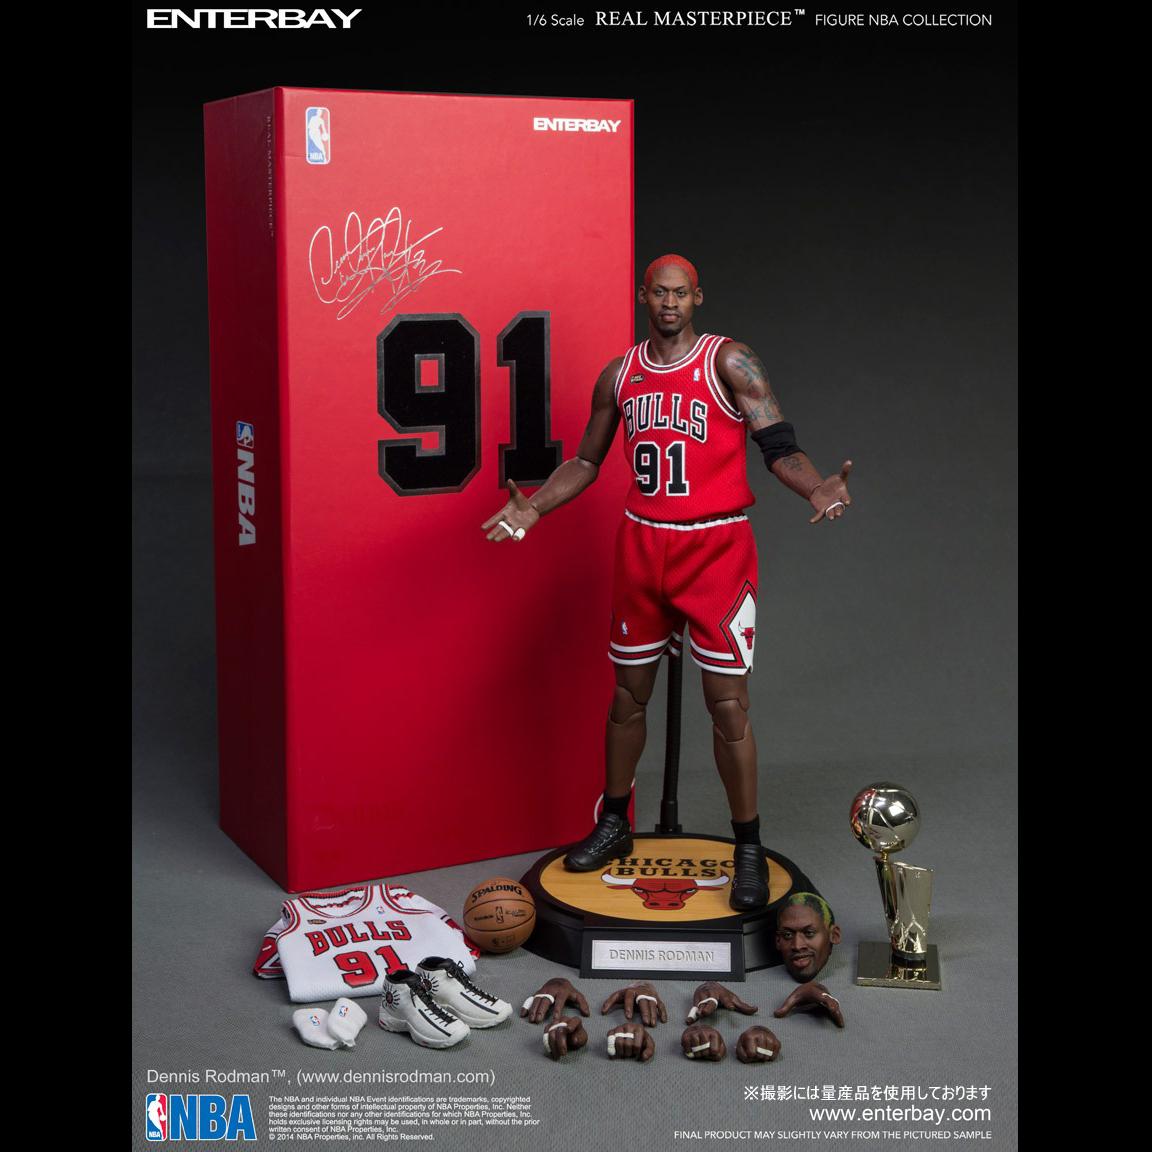 ENTERBAY 1 / 6 比例真正的杰作 NBA 集合丹尼斯 · 罗德曼 (湾 1 / 6 规模真正的杰作 NBA 集合丹尼斯 · 罗德曼)